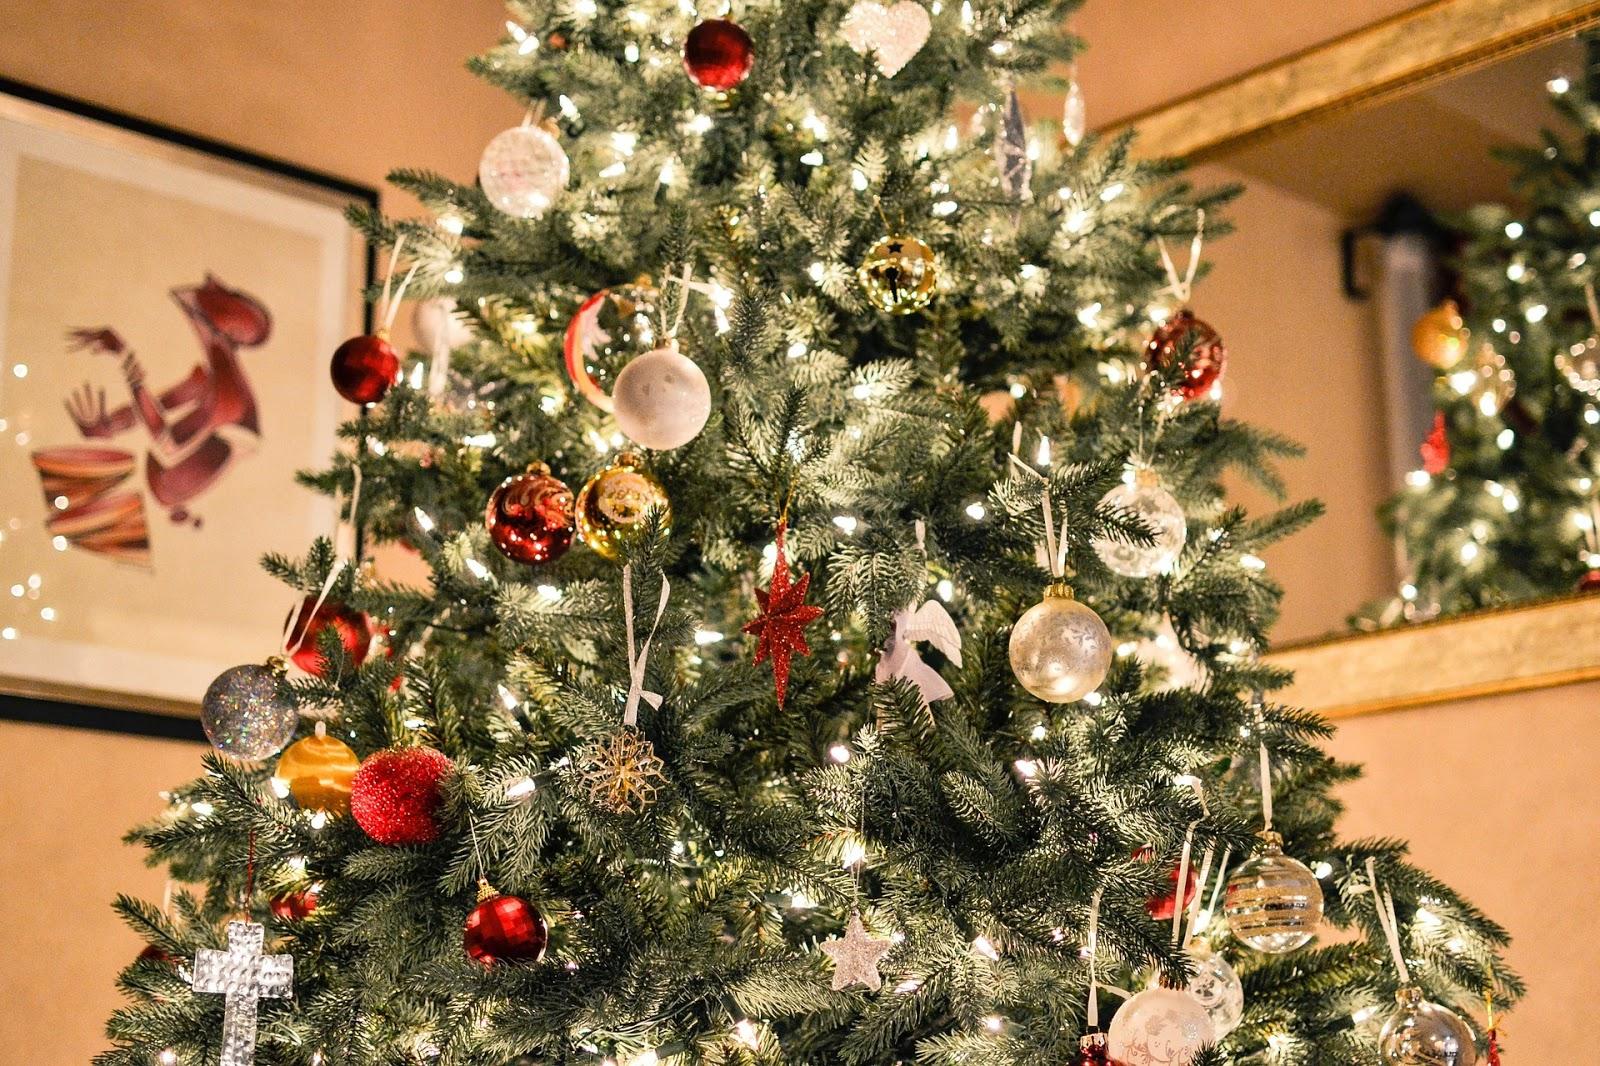 Künstlicher Weihnachtsbaum Wie Echt.Künstlicher Weihnachtsbaum Test Diese Tannenbäume Sehen Aus Wie Echt